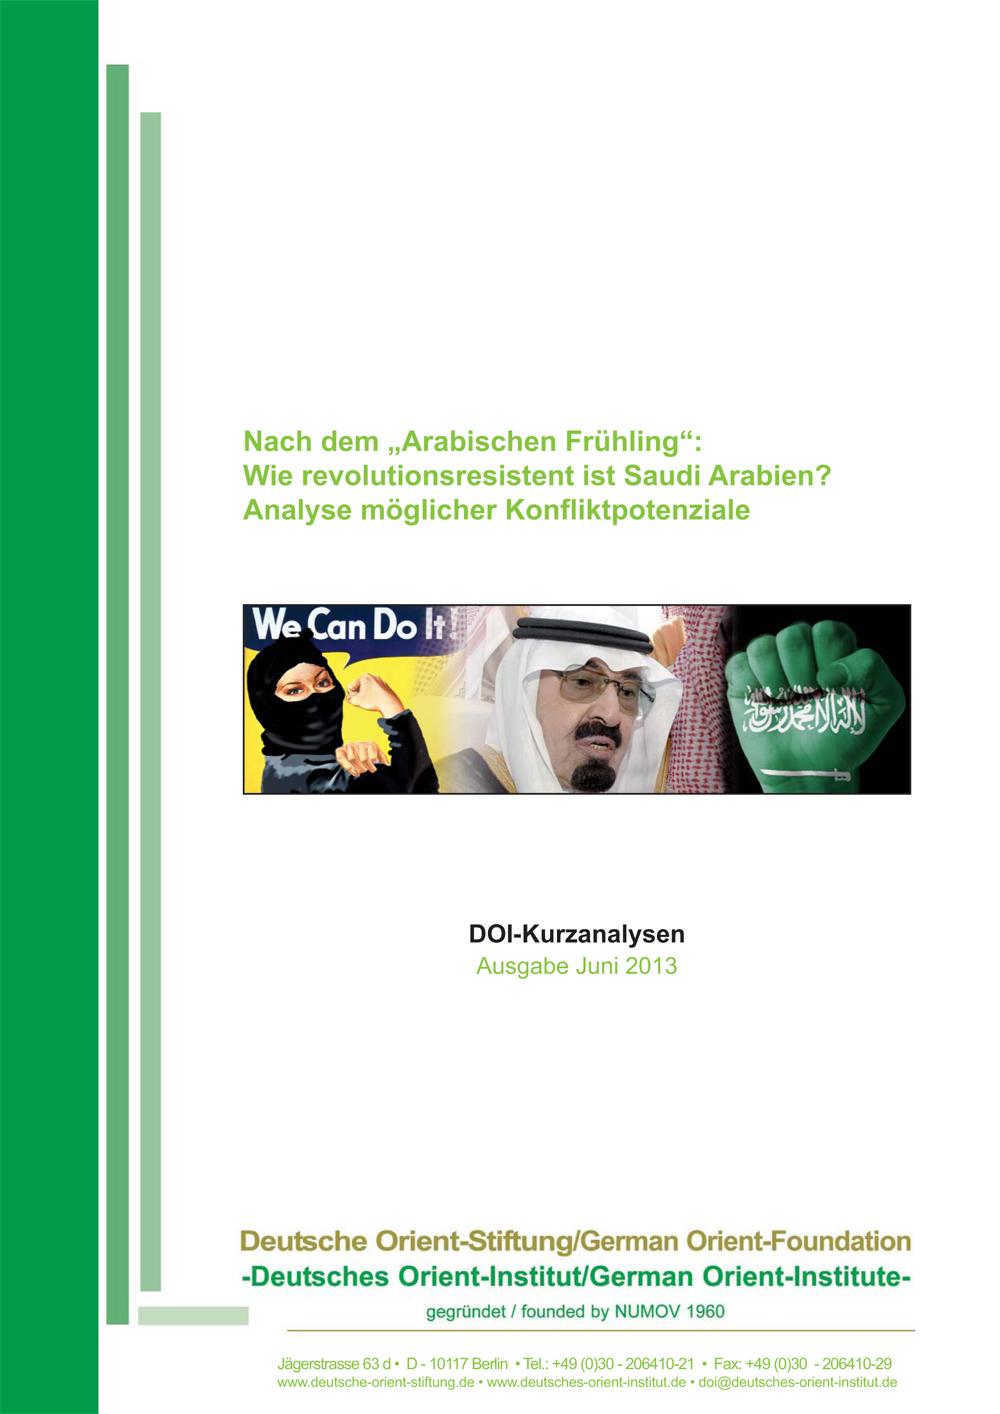 """Featured image for """"Nach dem """"Arabischen Frühling"""": Wie revolutionsresistent ist Saudi Arabien? Analyse möglicher Konfliktpotenziale"""""""